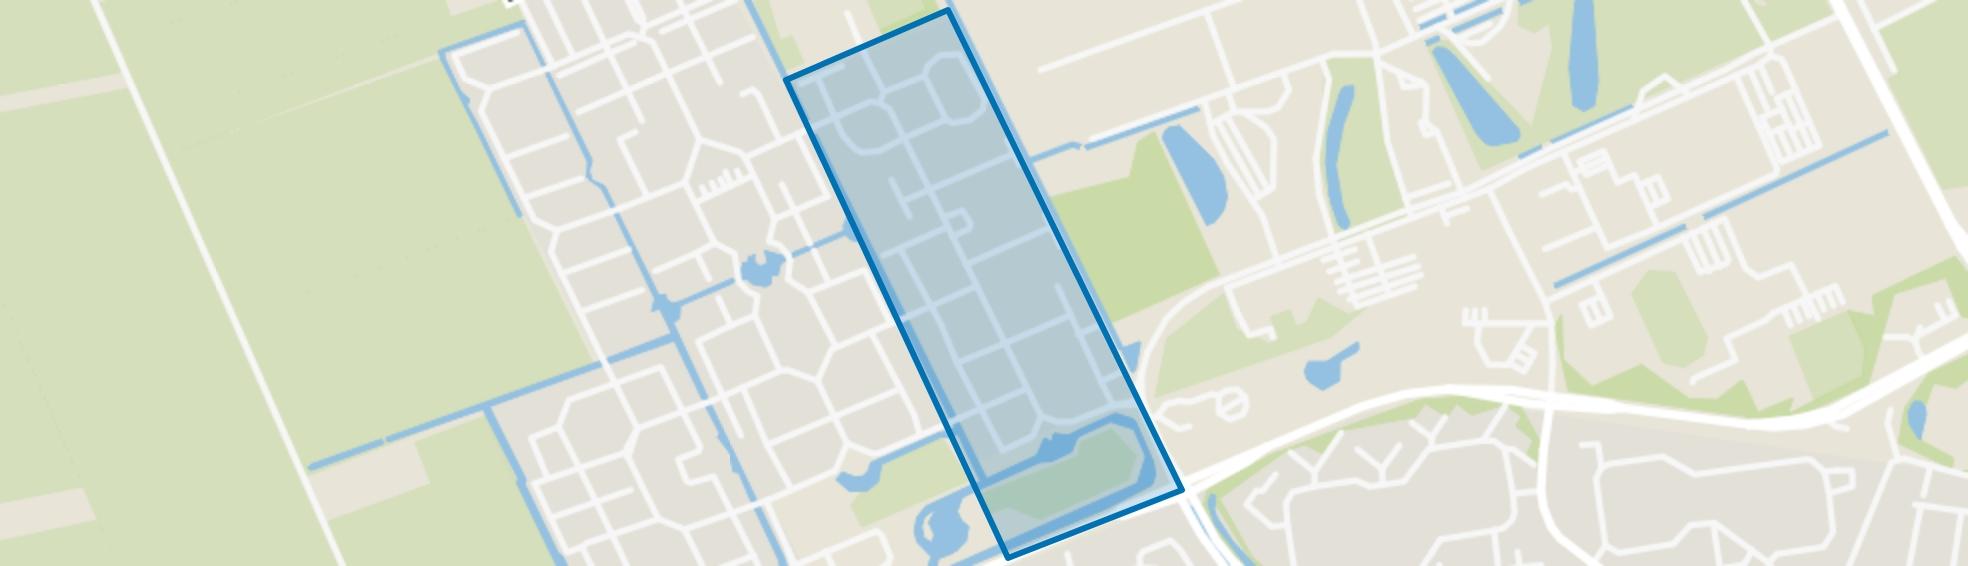 Mondriaanbuurt, Wageningen map